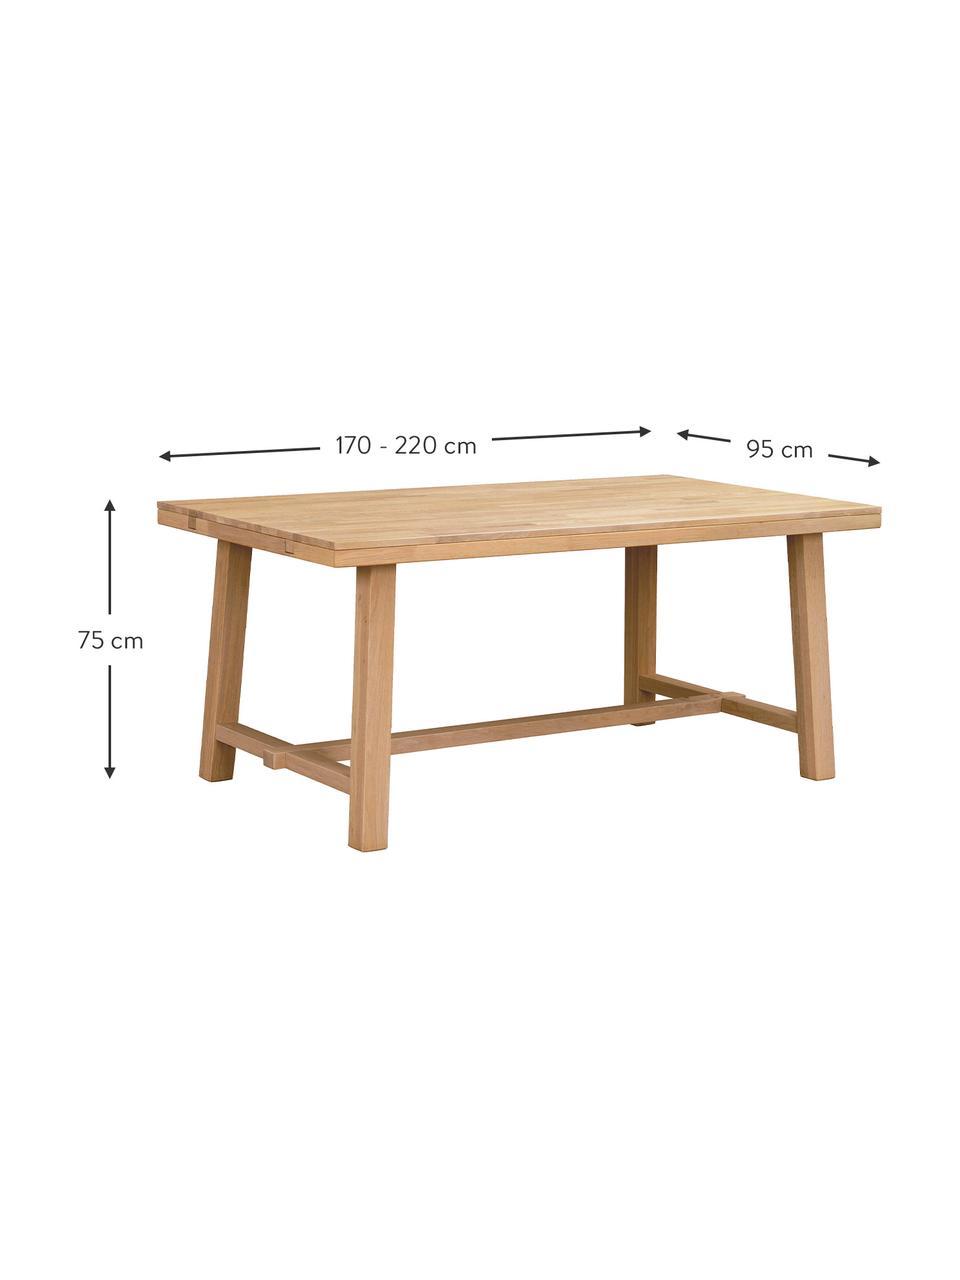 Stół rozsuwany do jadalni z drewna dębowego Brooklyn, Lite drewno dębowe, szczotkowane i jasne lakierowane, Drewno dębowe, S 170 do 220 x G 95 cm